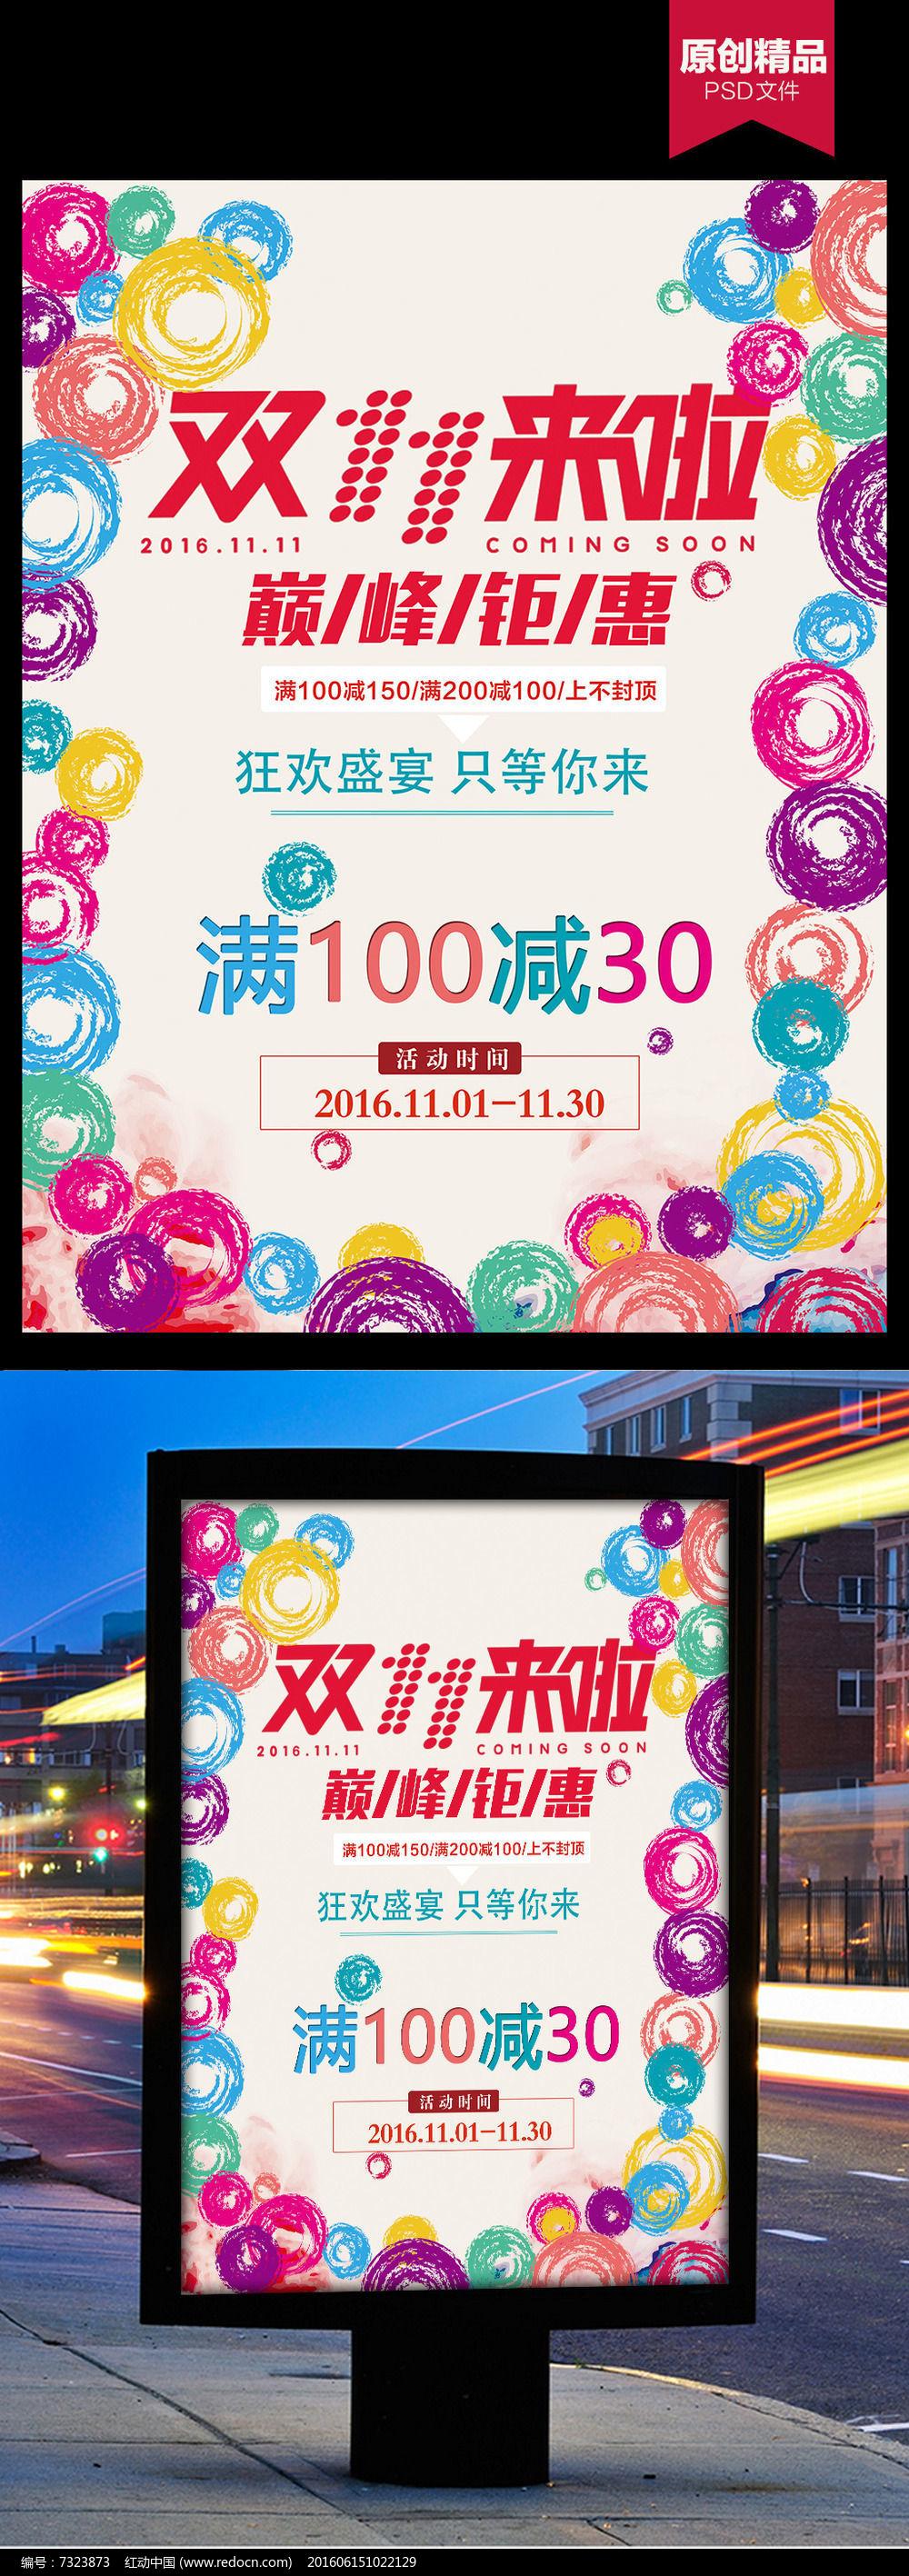 创意时尚炫彩双11购物促销海报图片